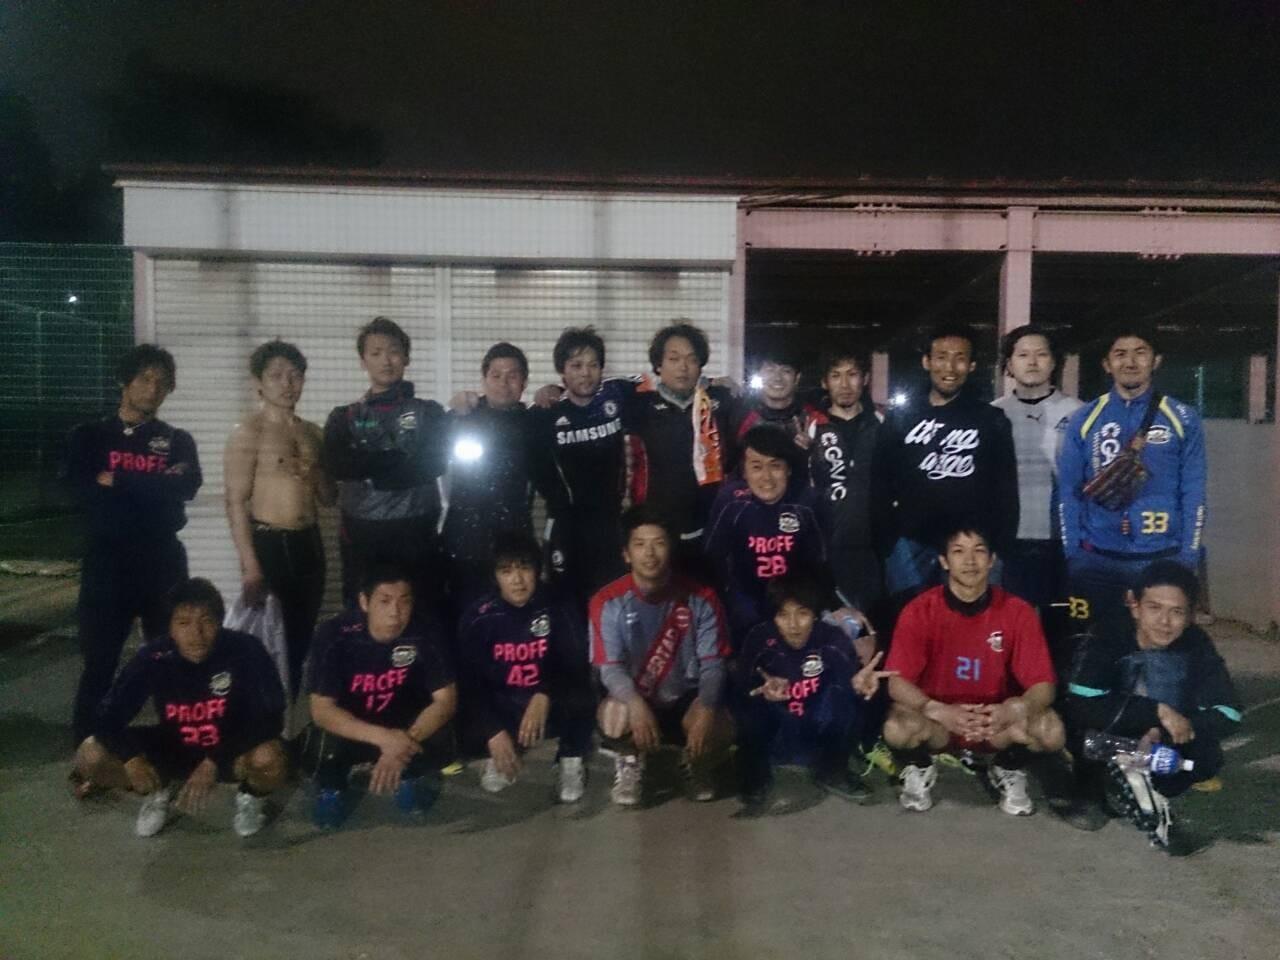 2015/4/12 服部緑地人工芝サッカー場 vs リスペクタ2005 vs リベルタFC